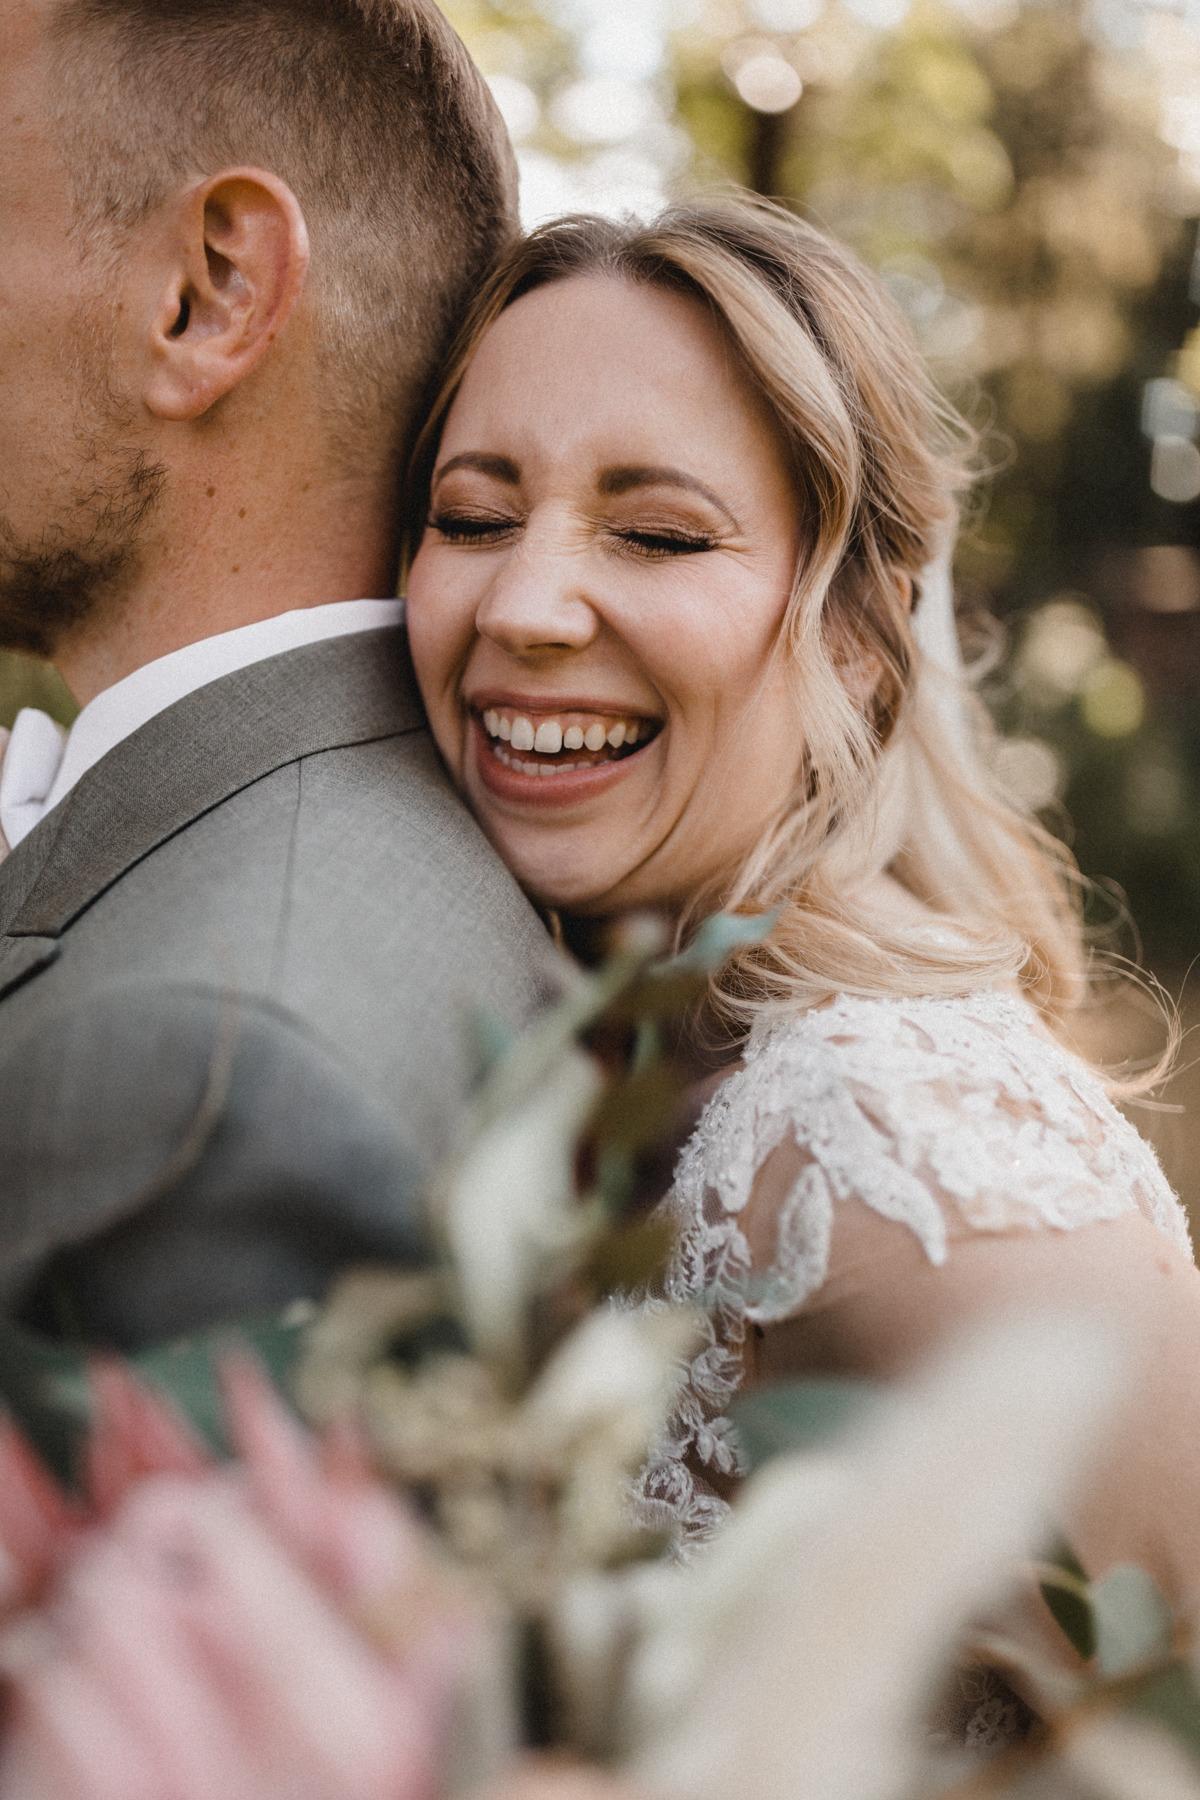 Brautpaar Paarshooting zur Hochzeit mit lächelnder Braut und stolzem Bräutigam